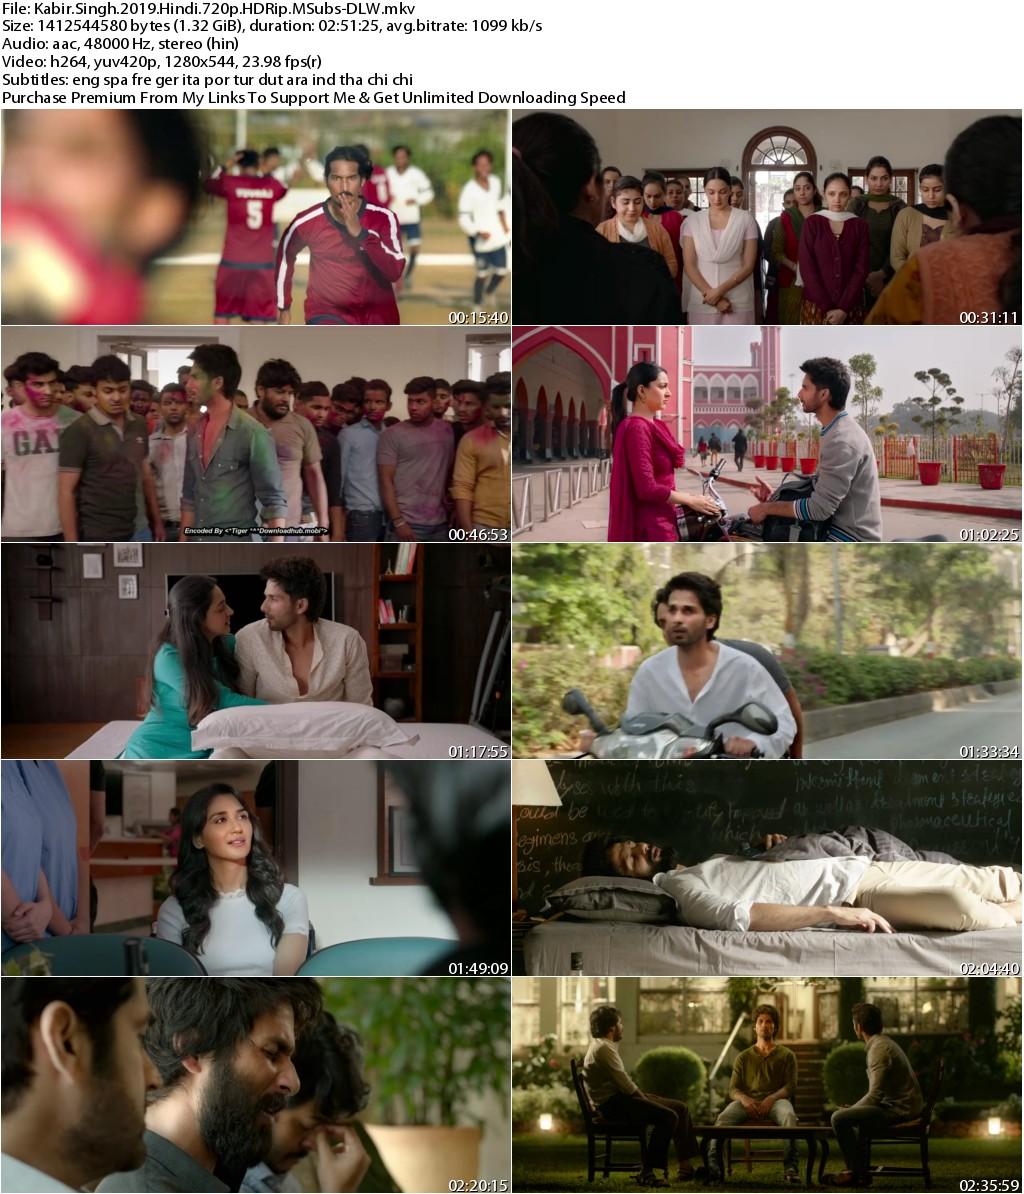 Kabir Singh (2019) Hindi 720p HDRip MSubs-DLW